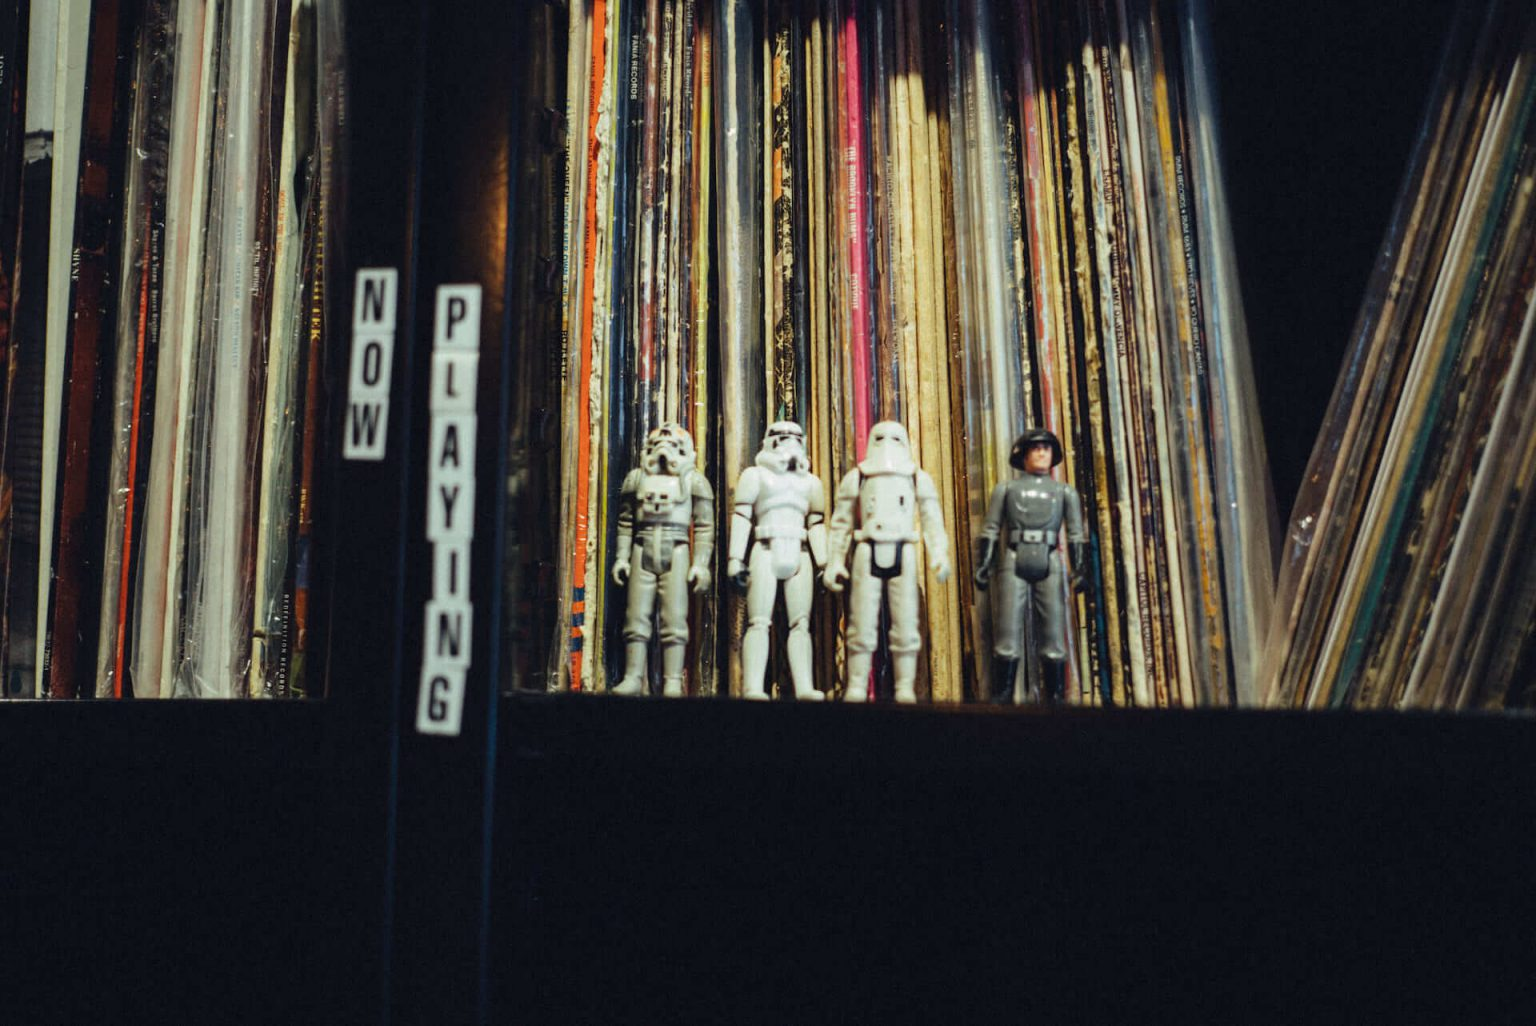 """アナログレコード専門レーベル「Greenway Records」オーナーの""""打ち合わせ場所、アイデアの棚、息抜きドーナツ屋、最近のベニュー"""""""